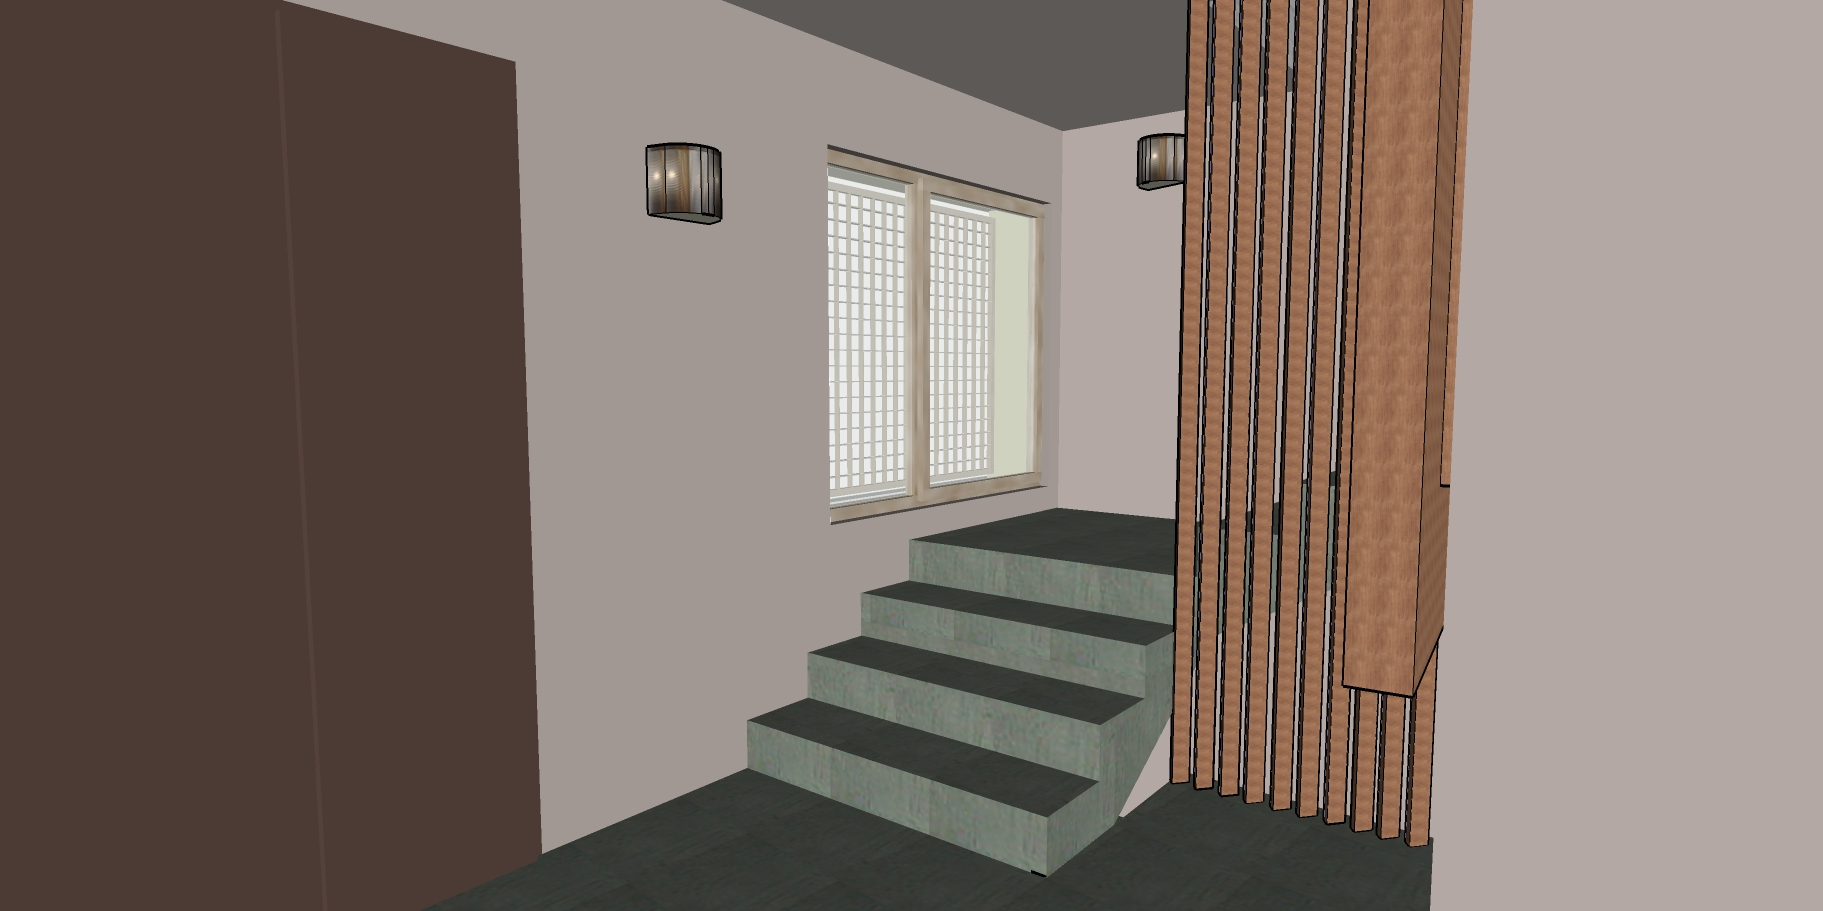 Déco D Entrée Maison aménagement du hall d'entrée d'une résidence – lhenry cÔtÉ dÉco